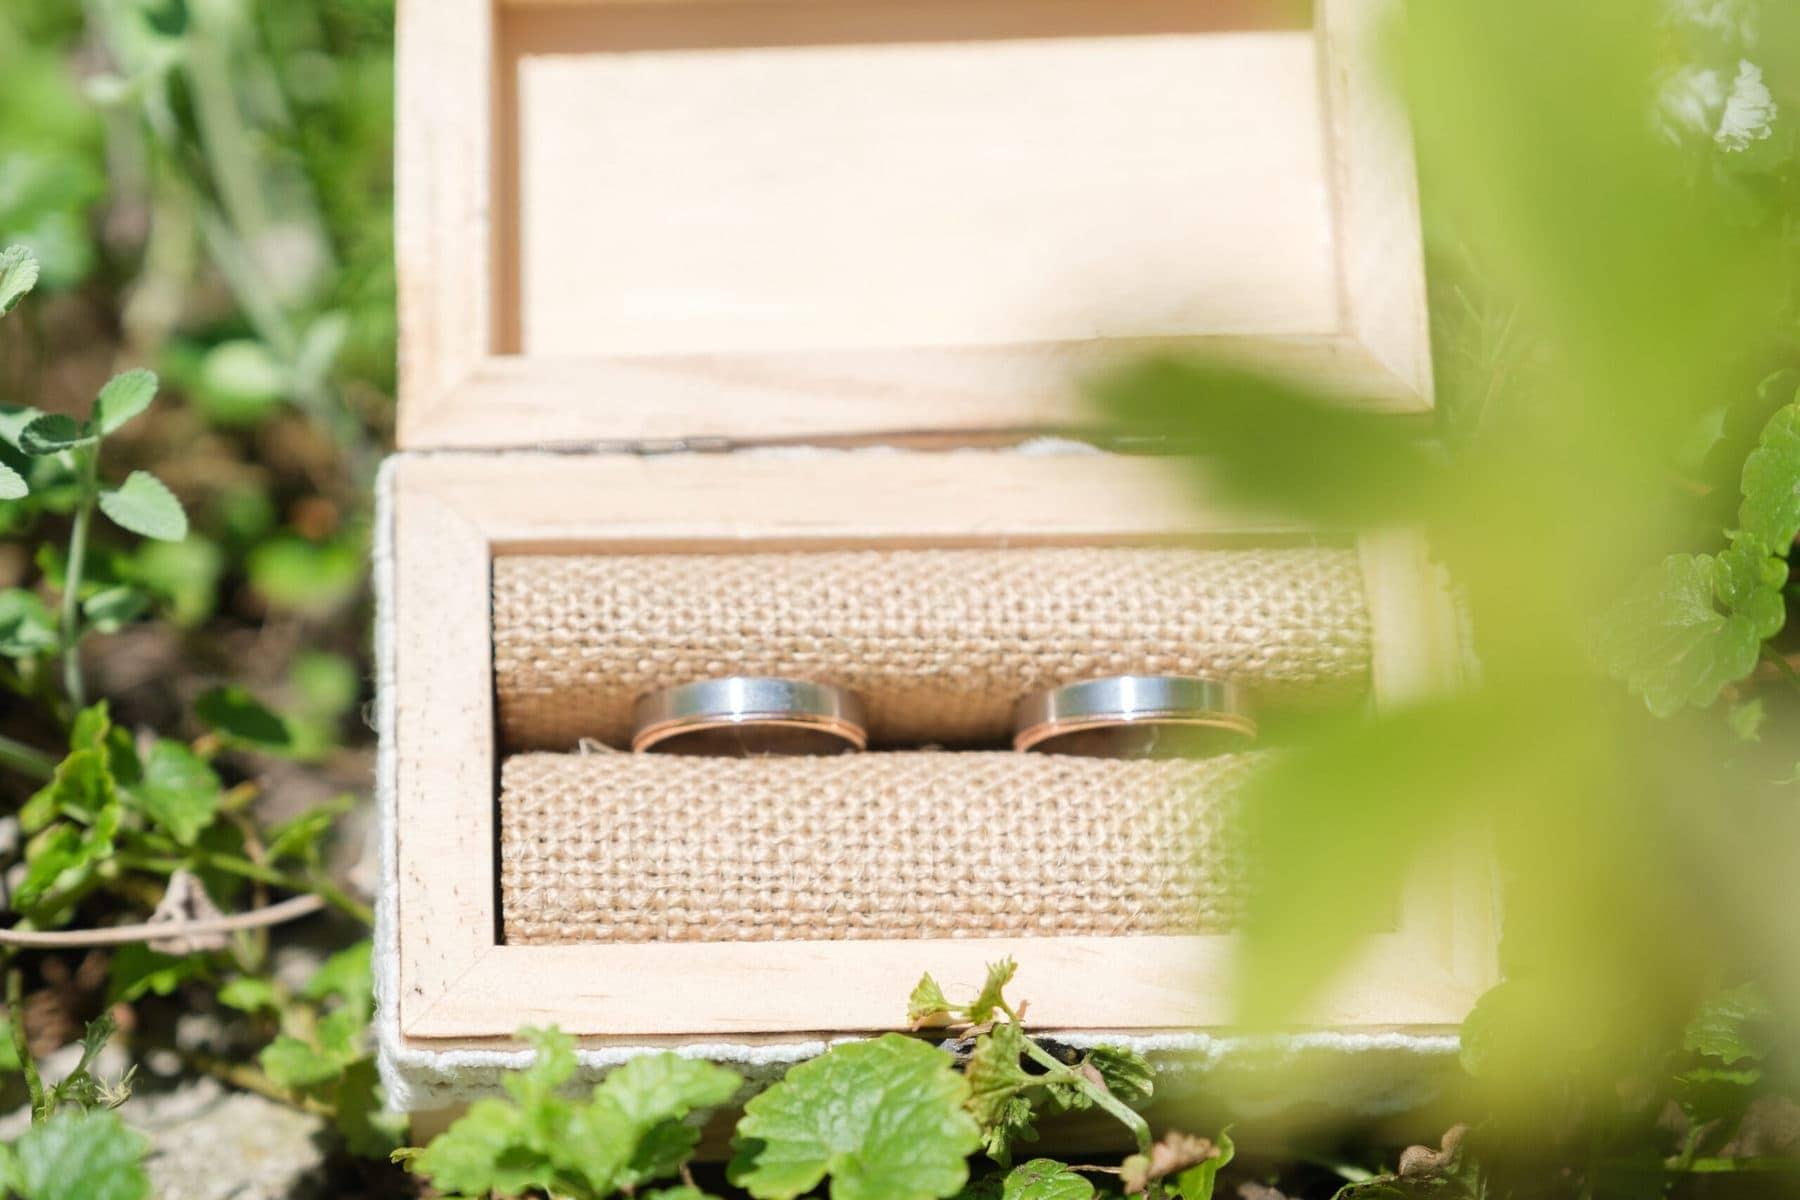 Hochzeit Ringe in Kiste